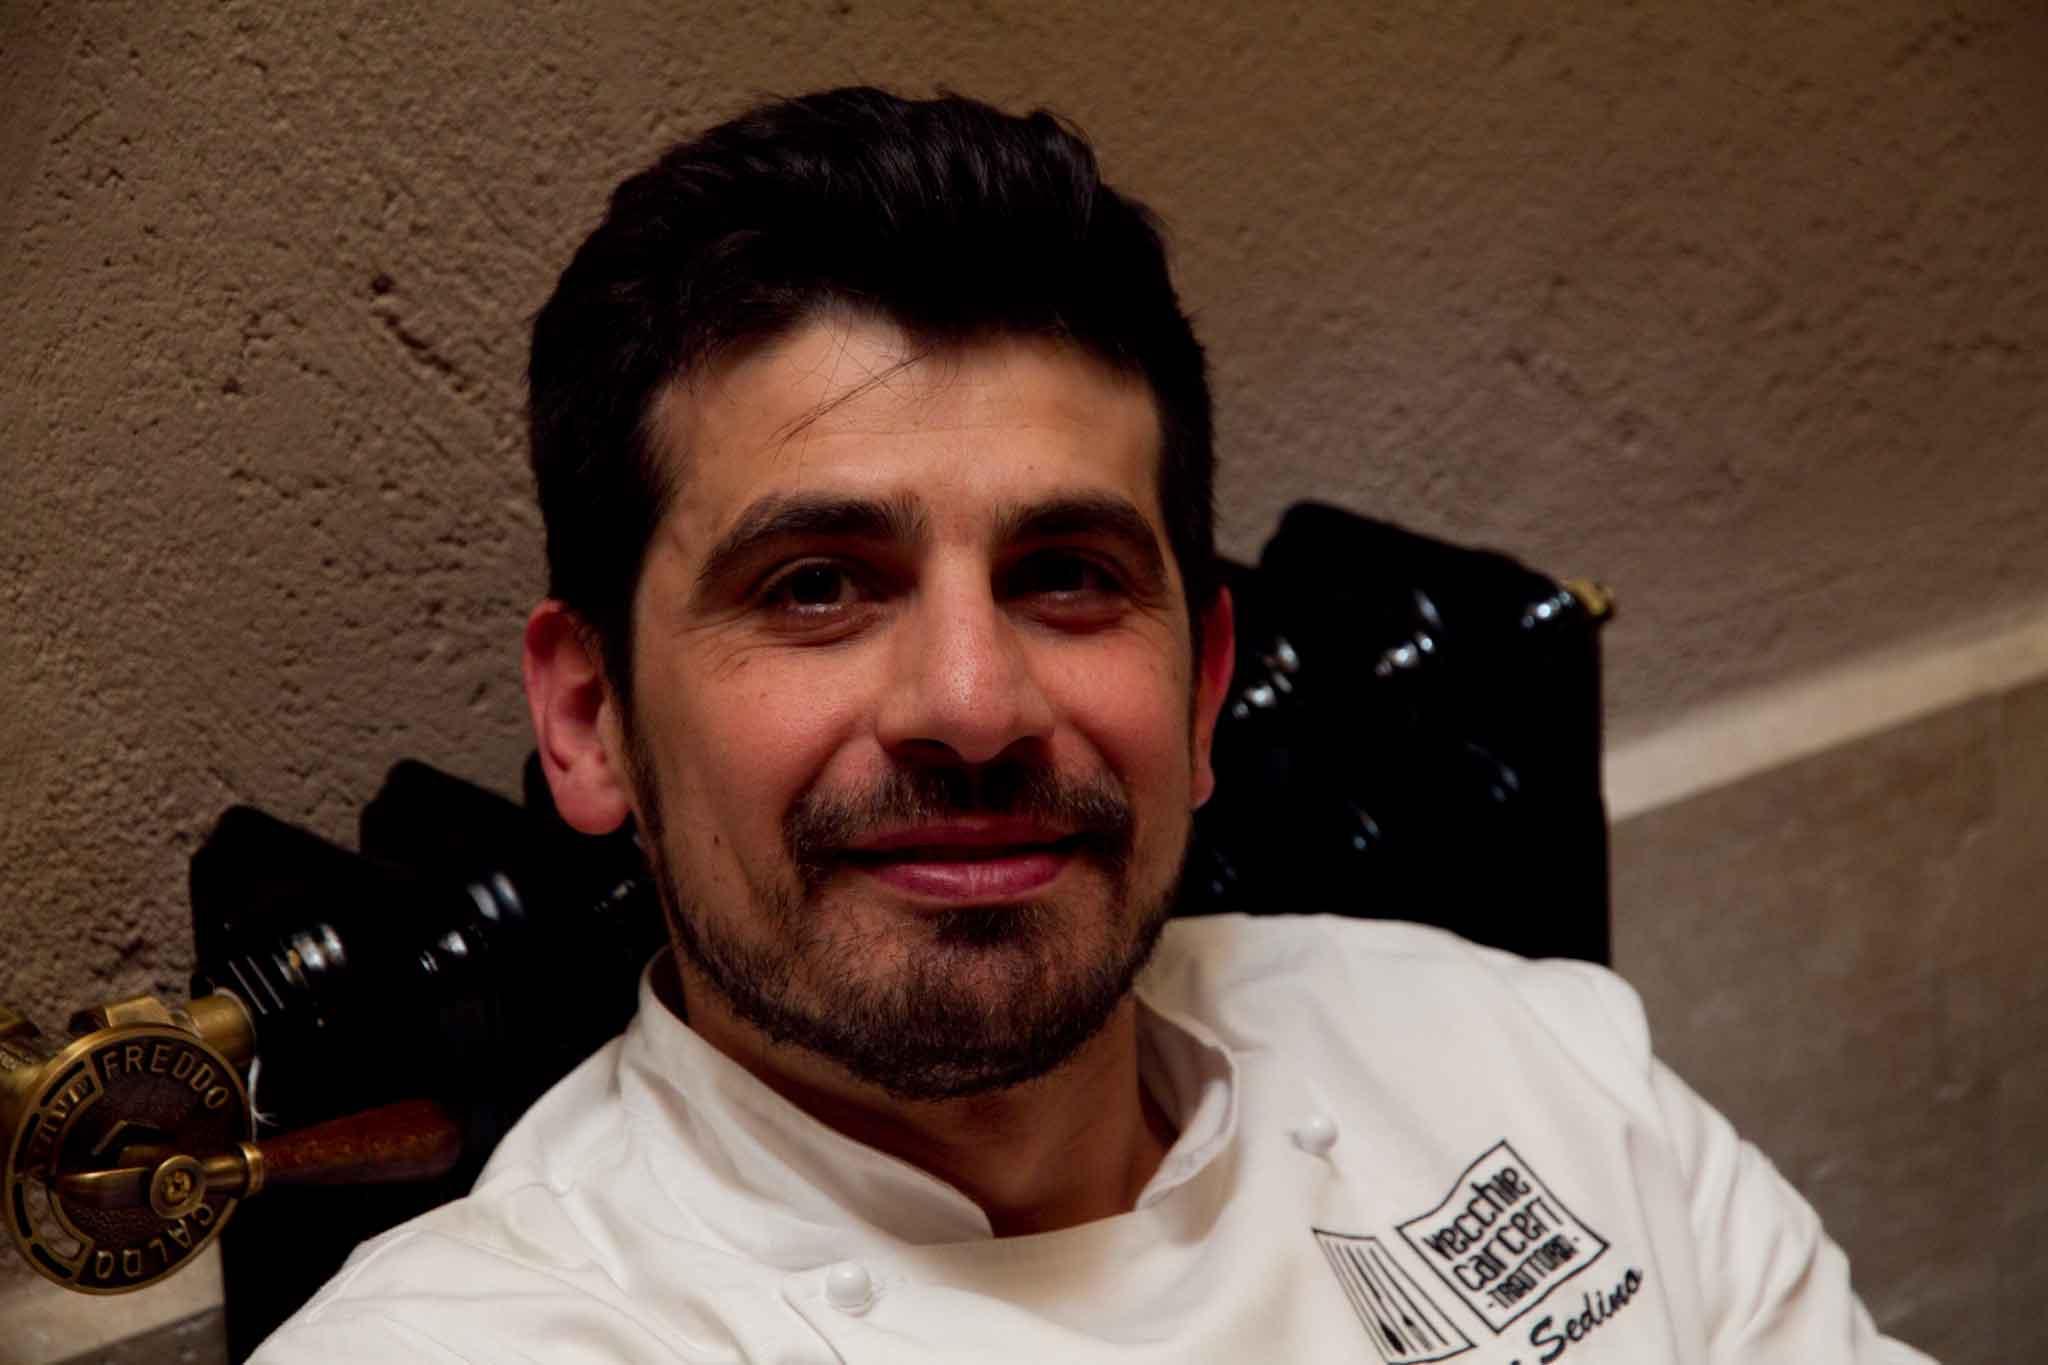 Carmine Sedino